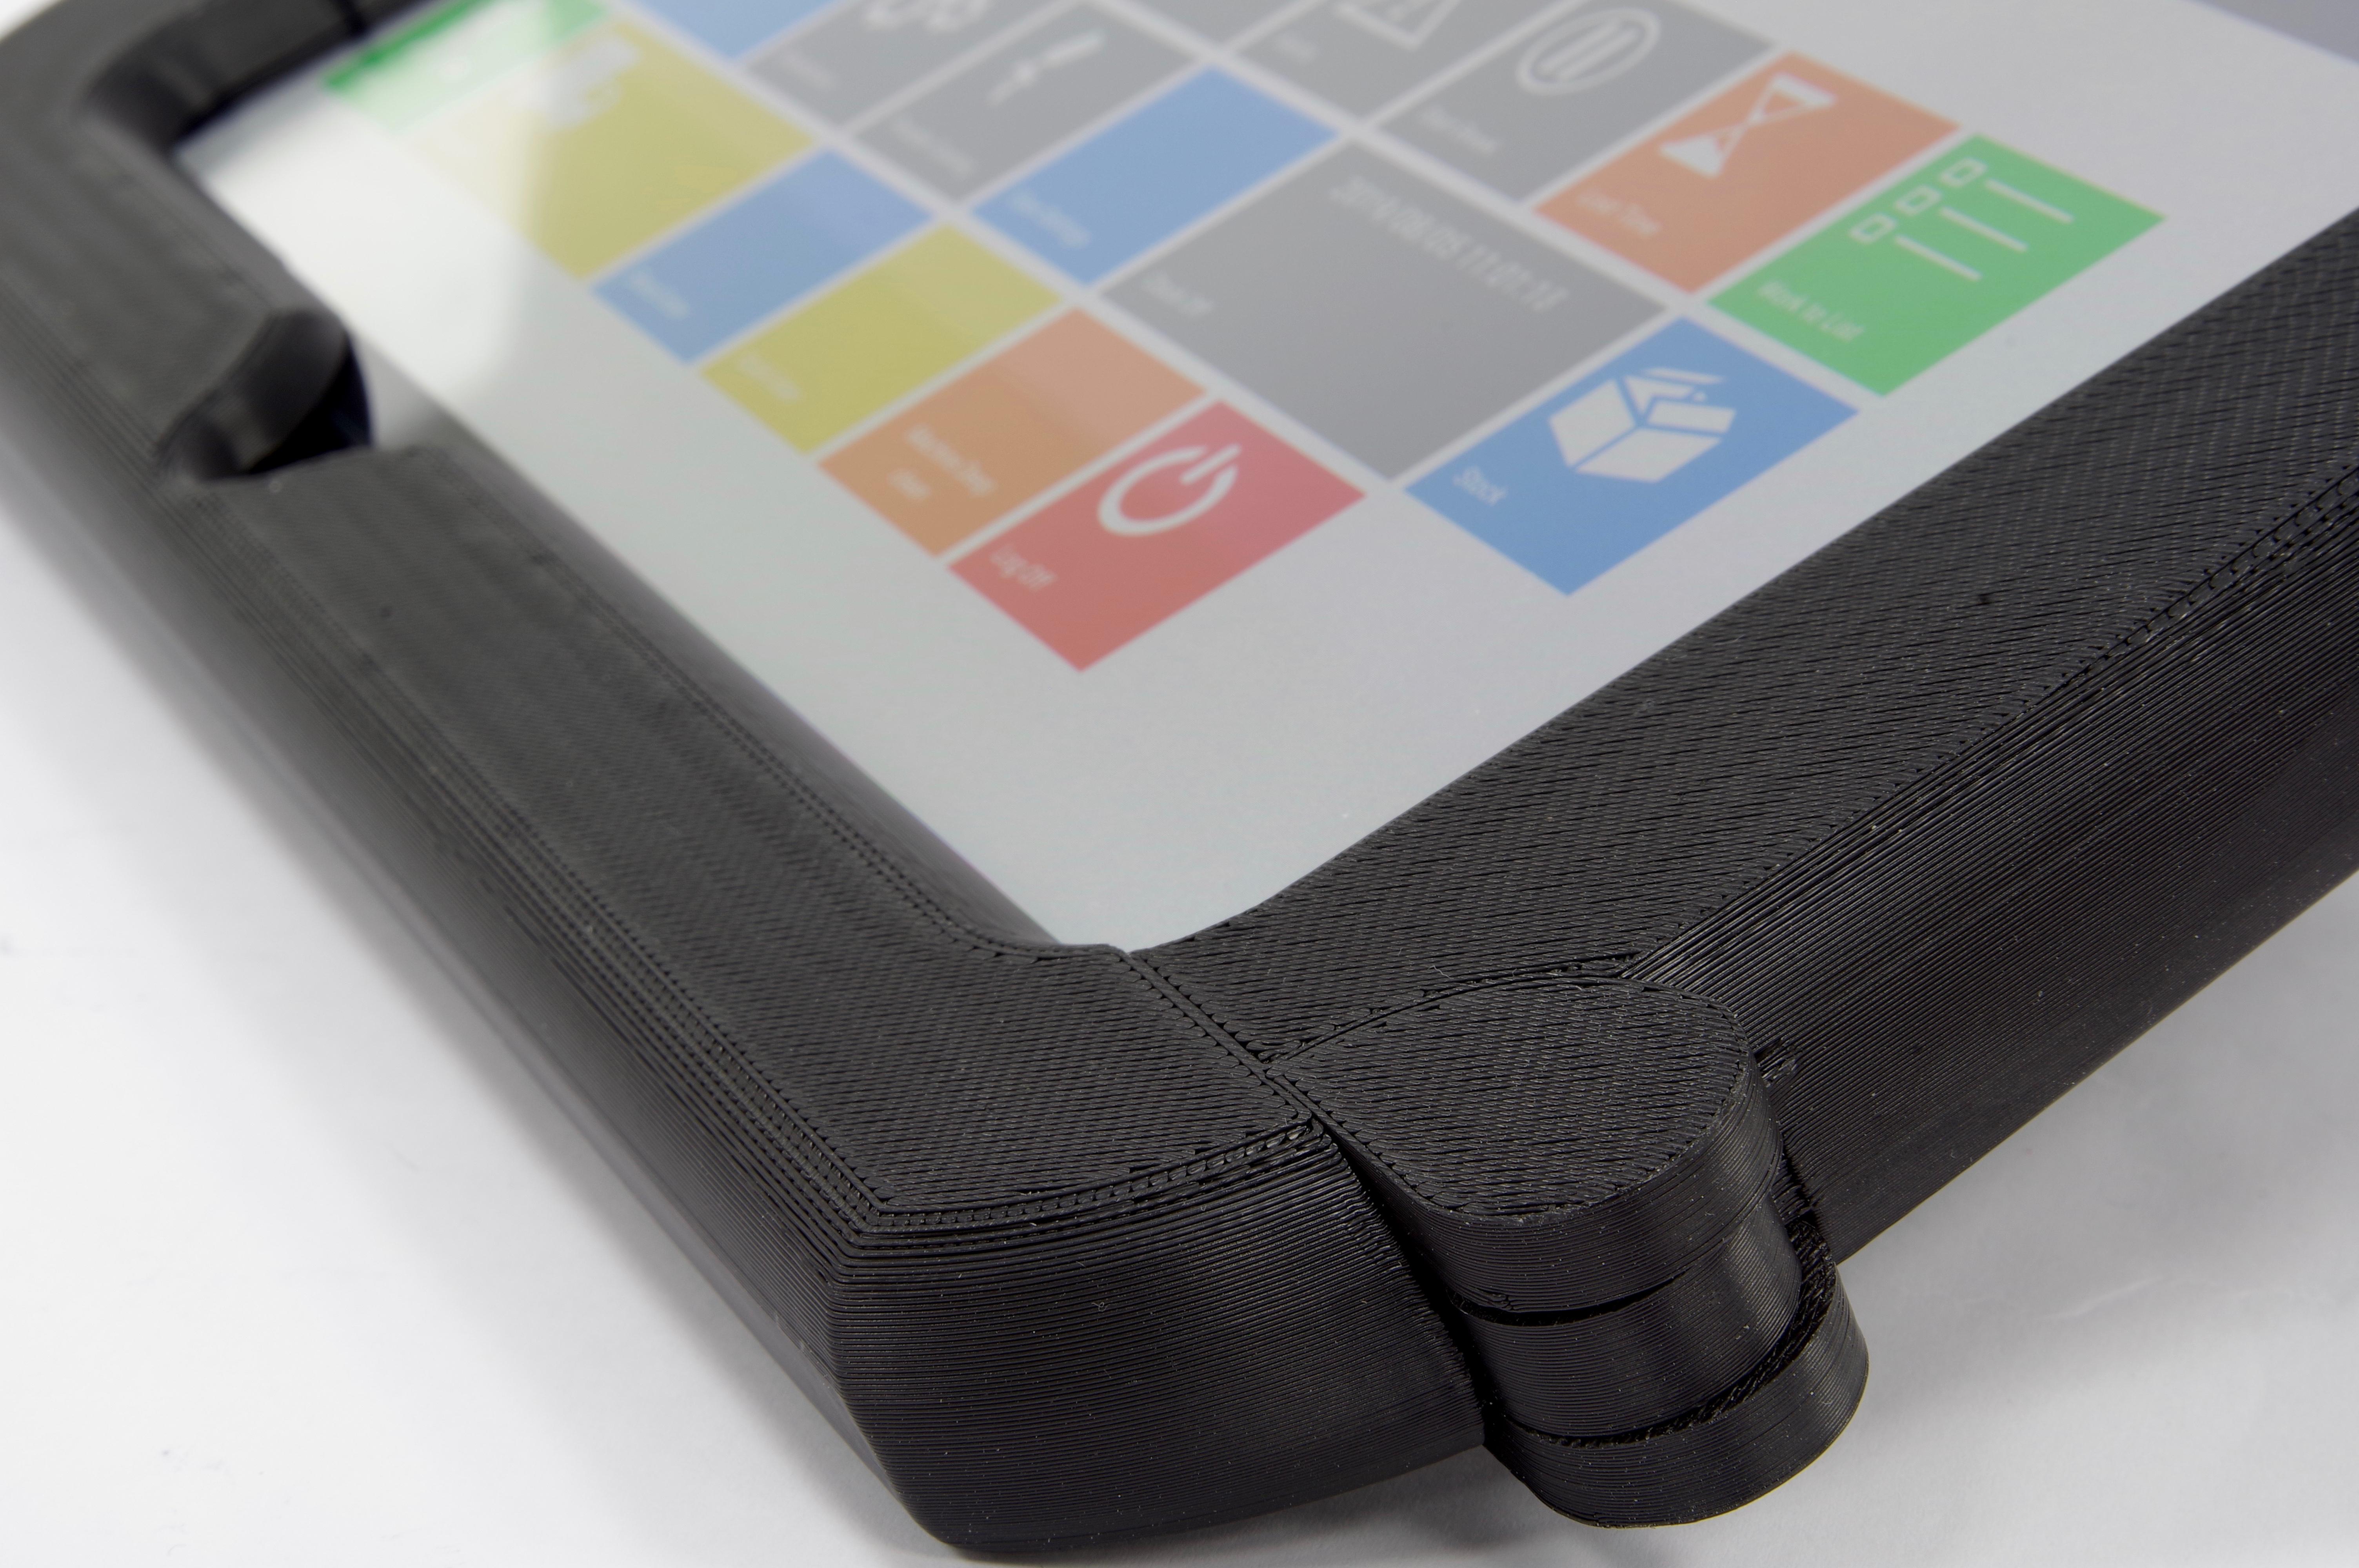 Funda de tableta hecha con termoplástico disipativo electrostático